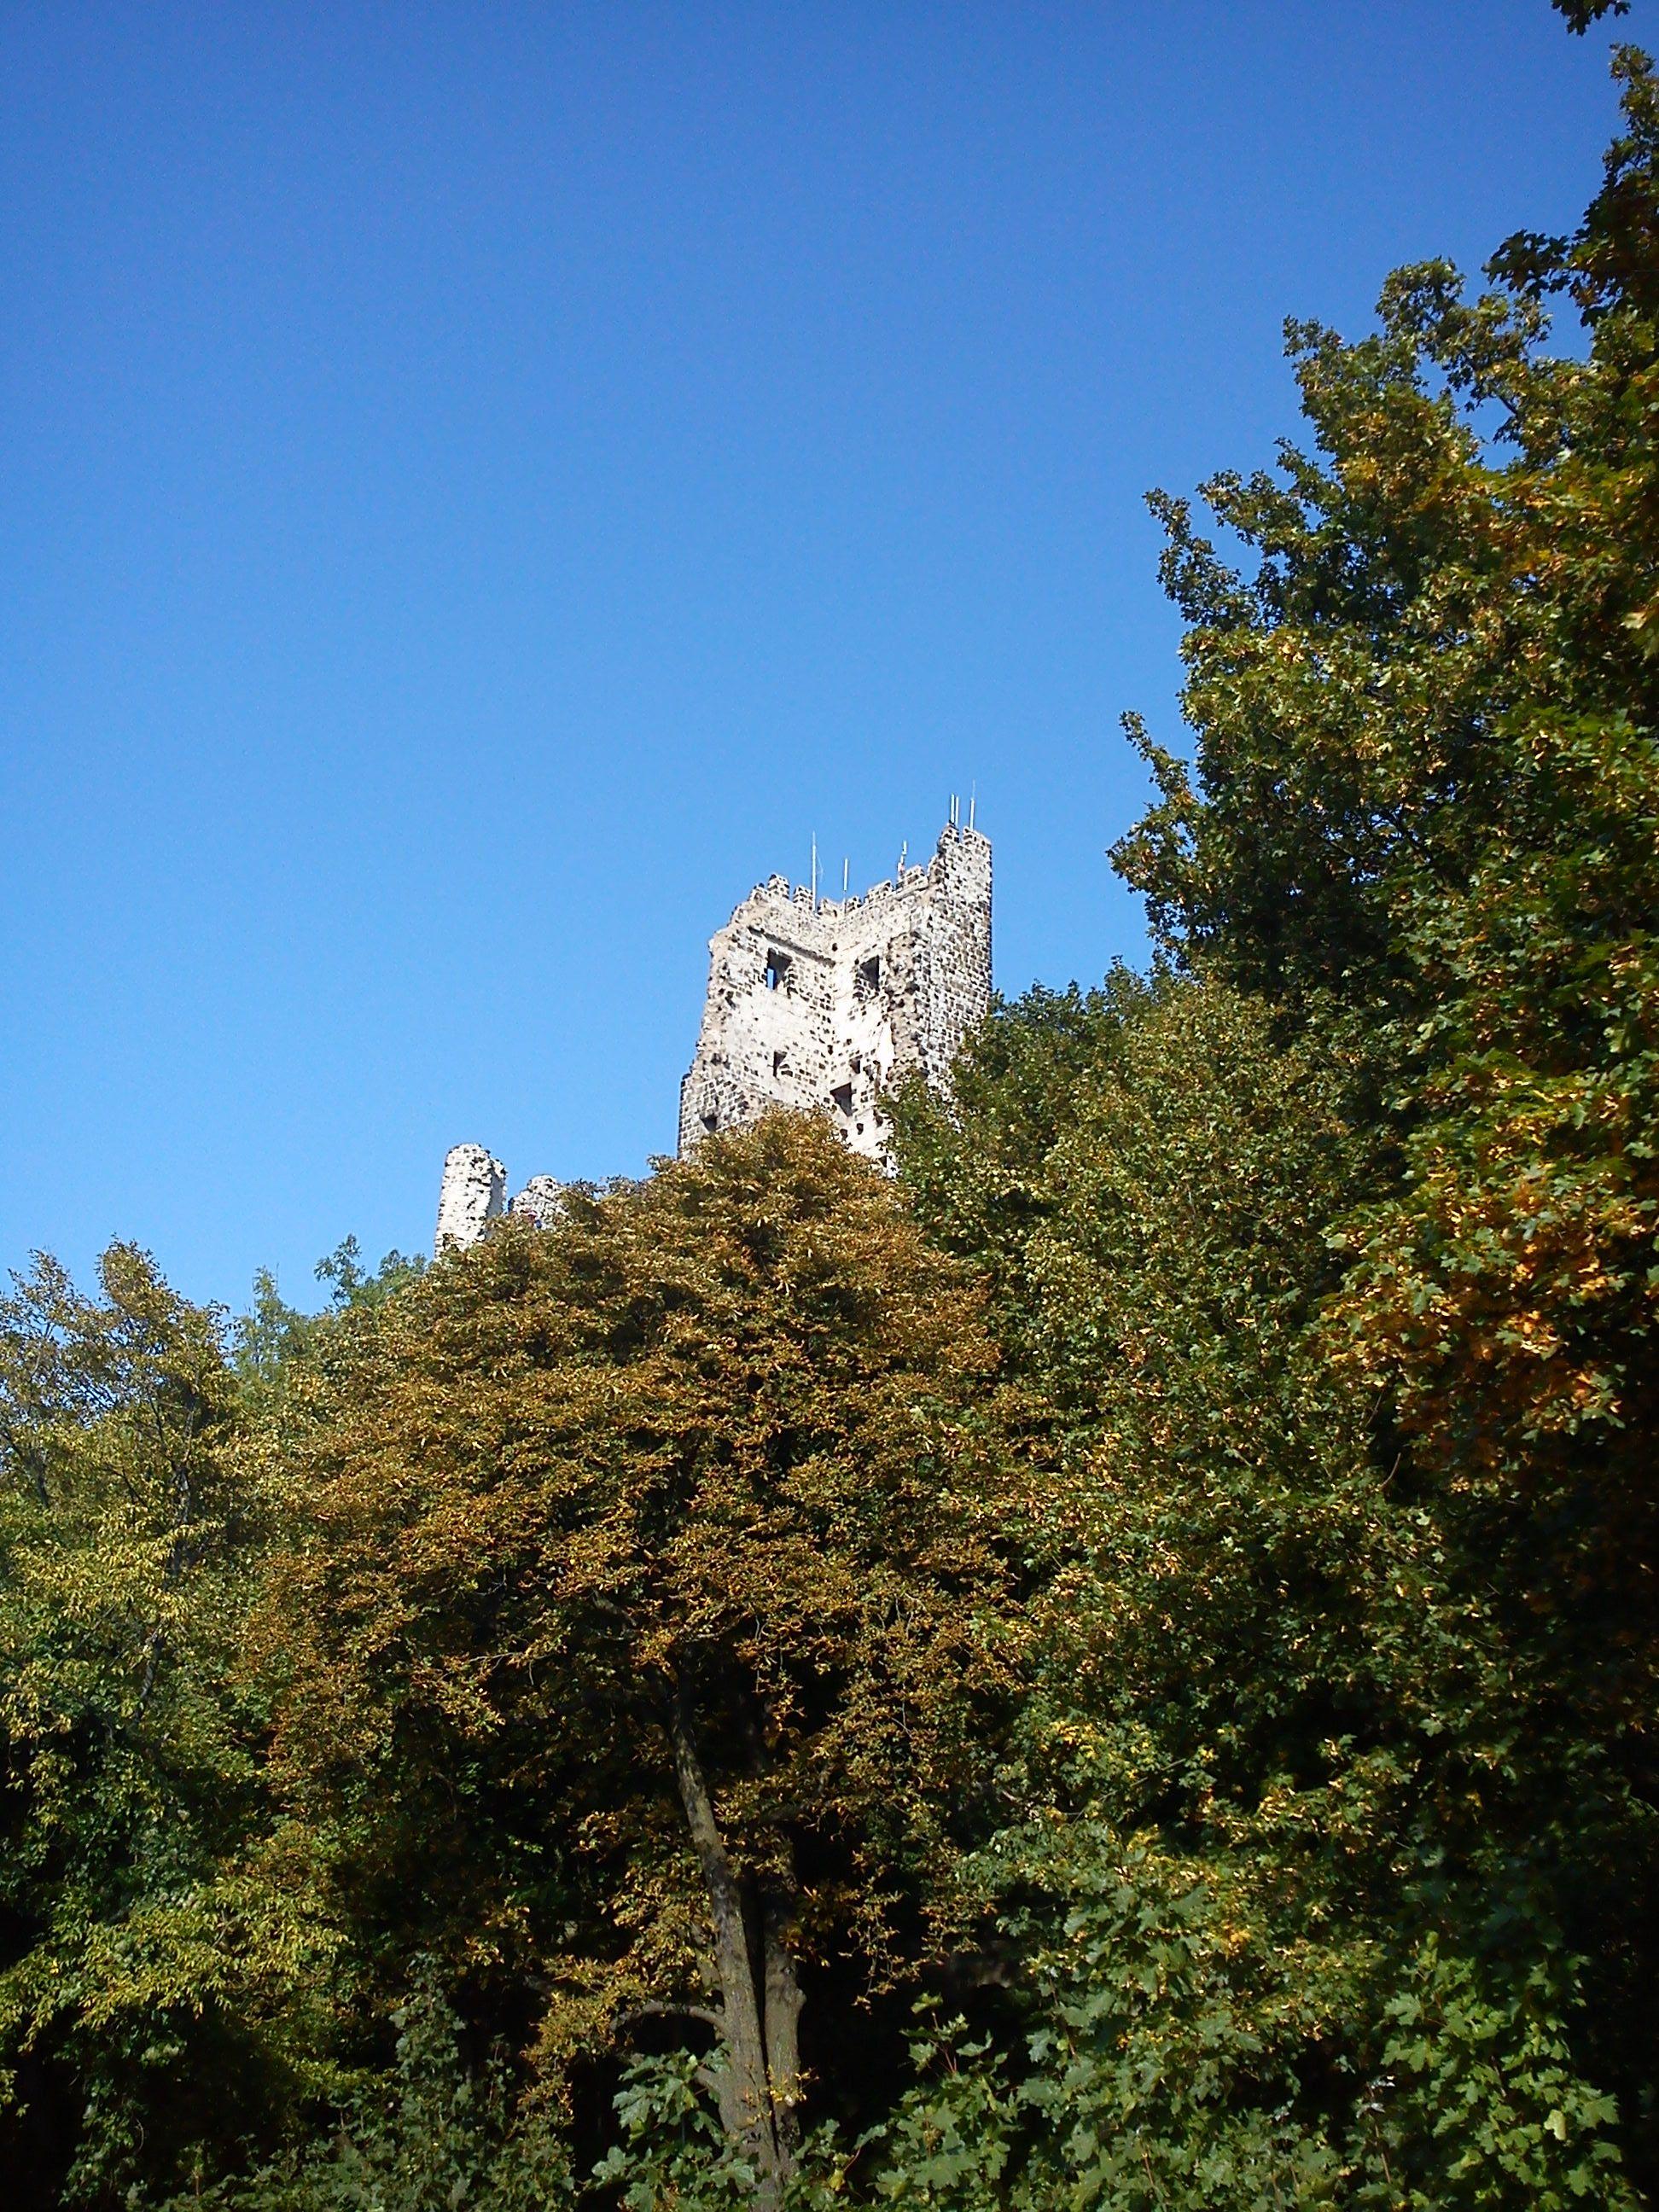 waren das noch zeiten, in den mittleren sechziger jahren, immer wieder dort oben märchen erlebt....Drachenfels im Siebengebirge am Rhein (www.drachenfels.net)